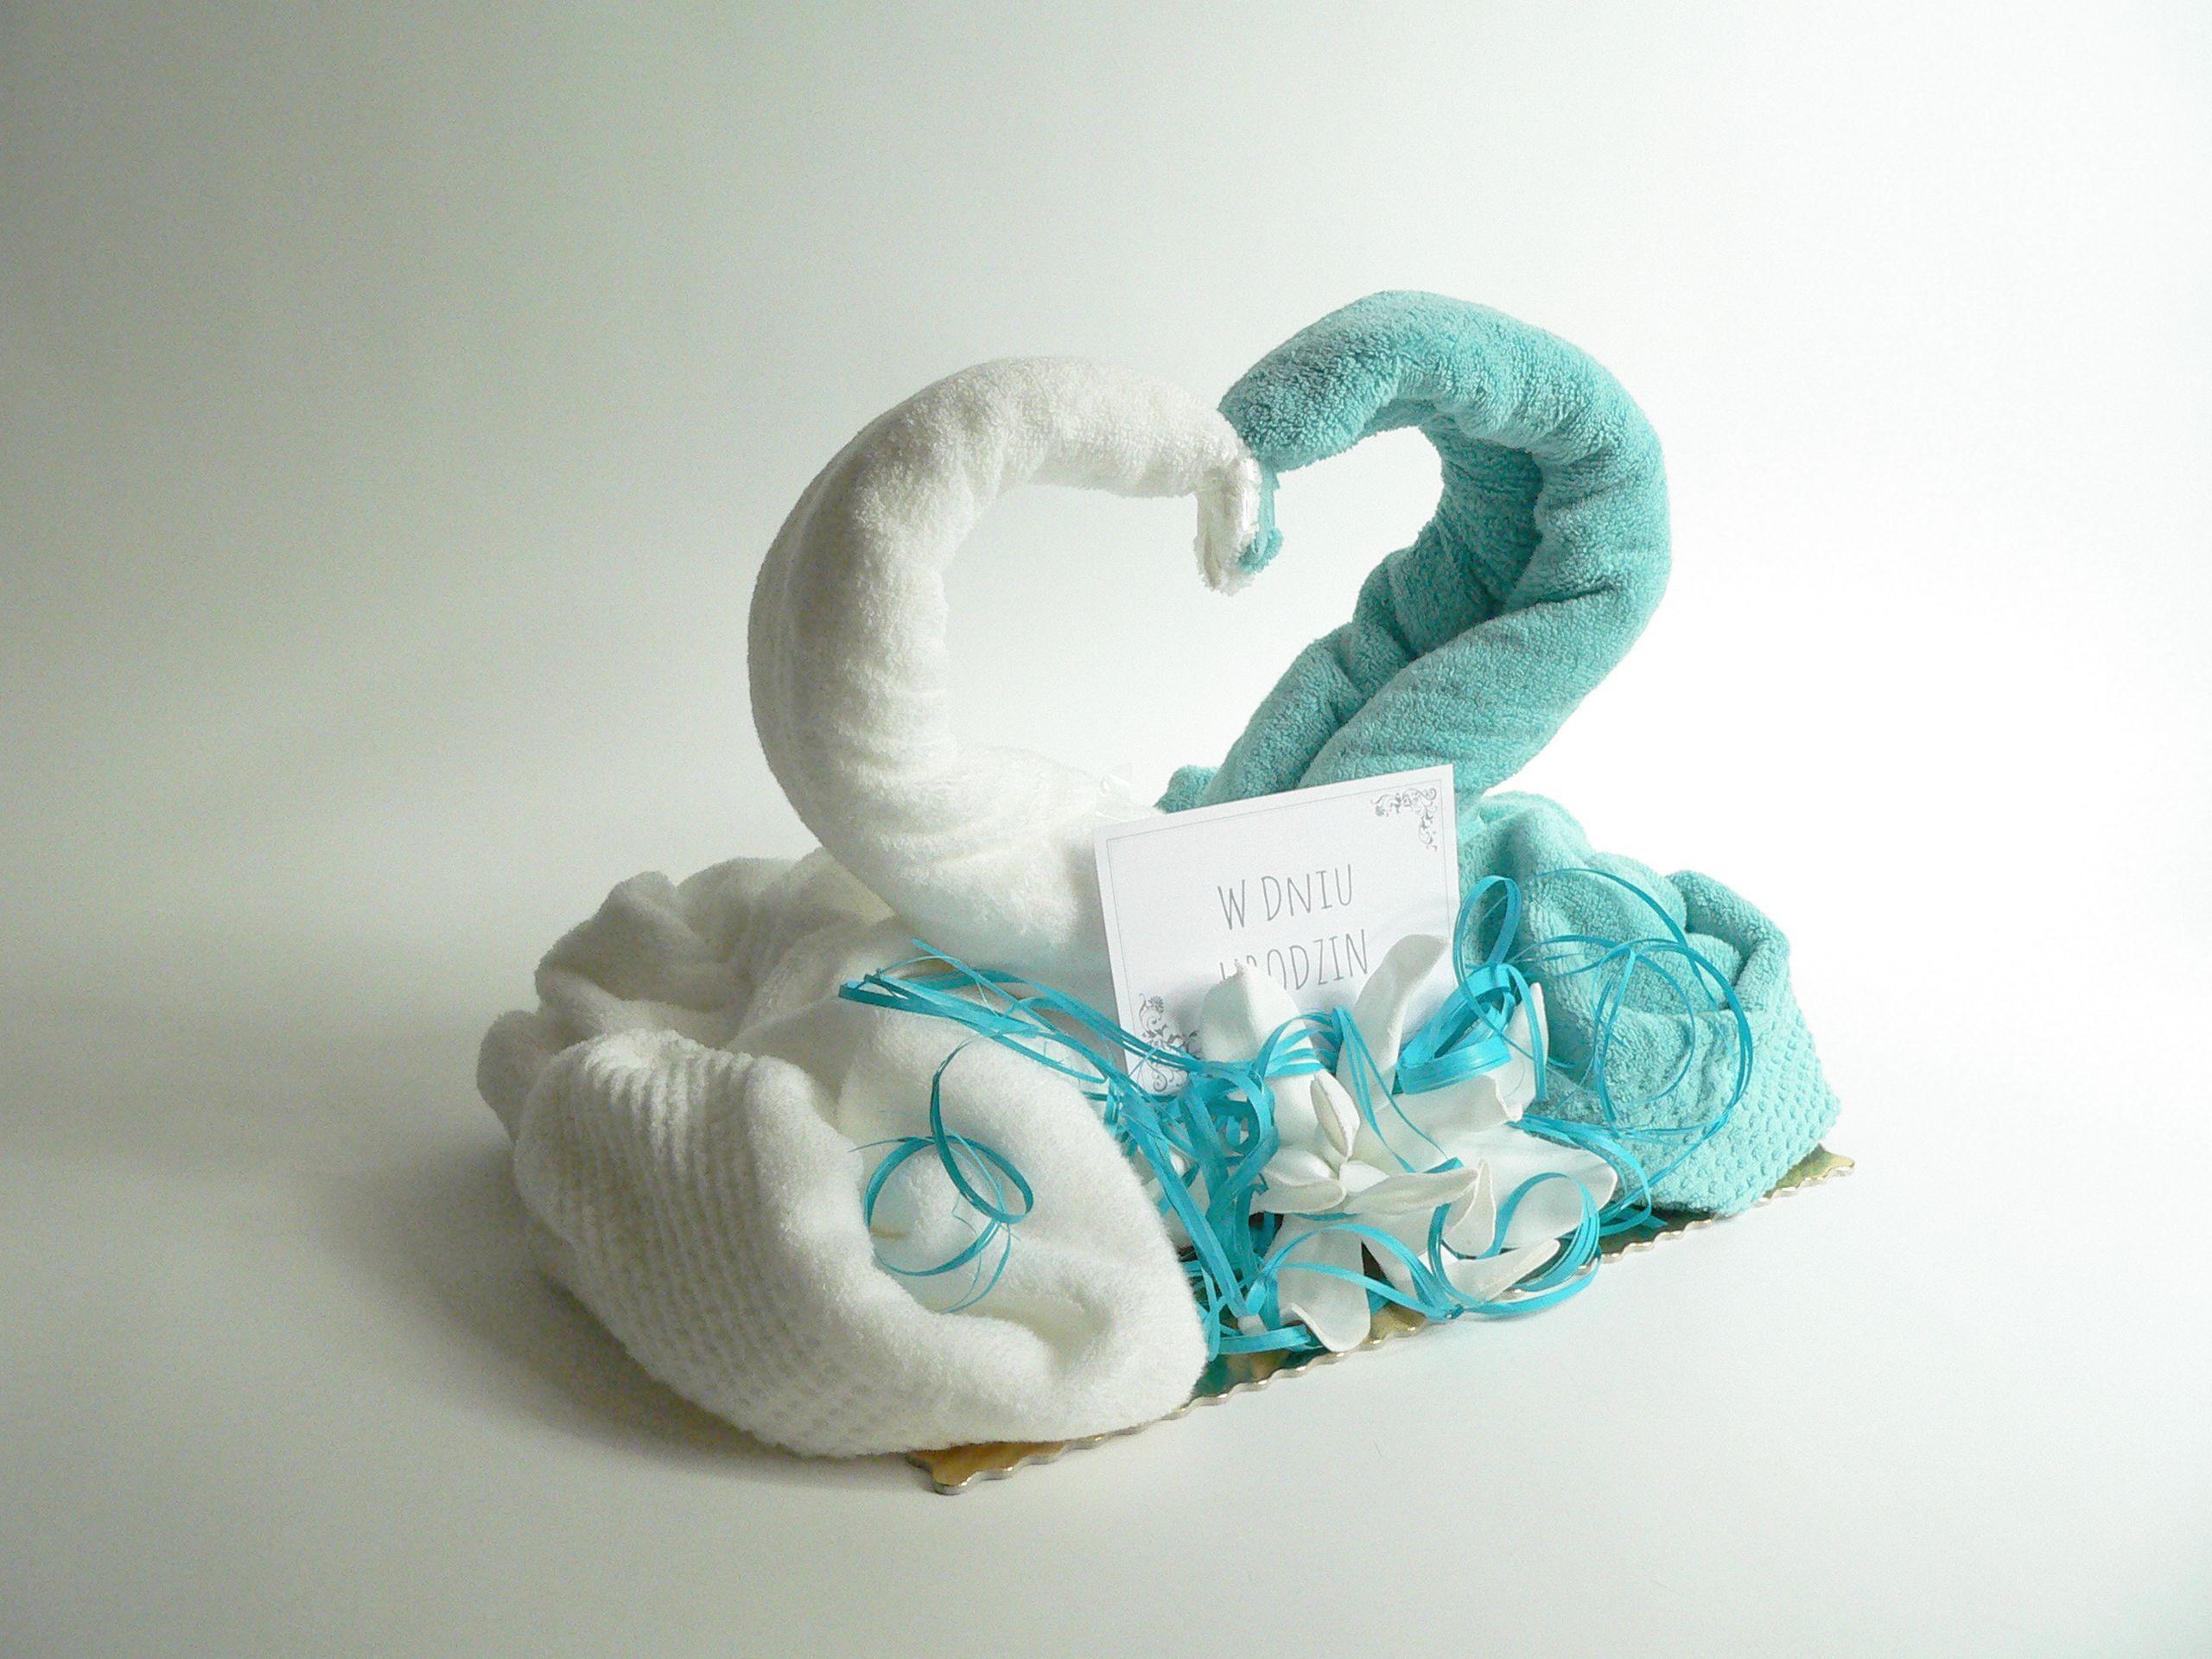 Upominek - para łabędzi z ręczników